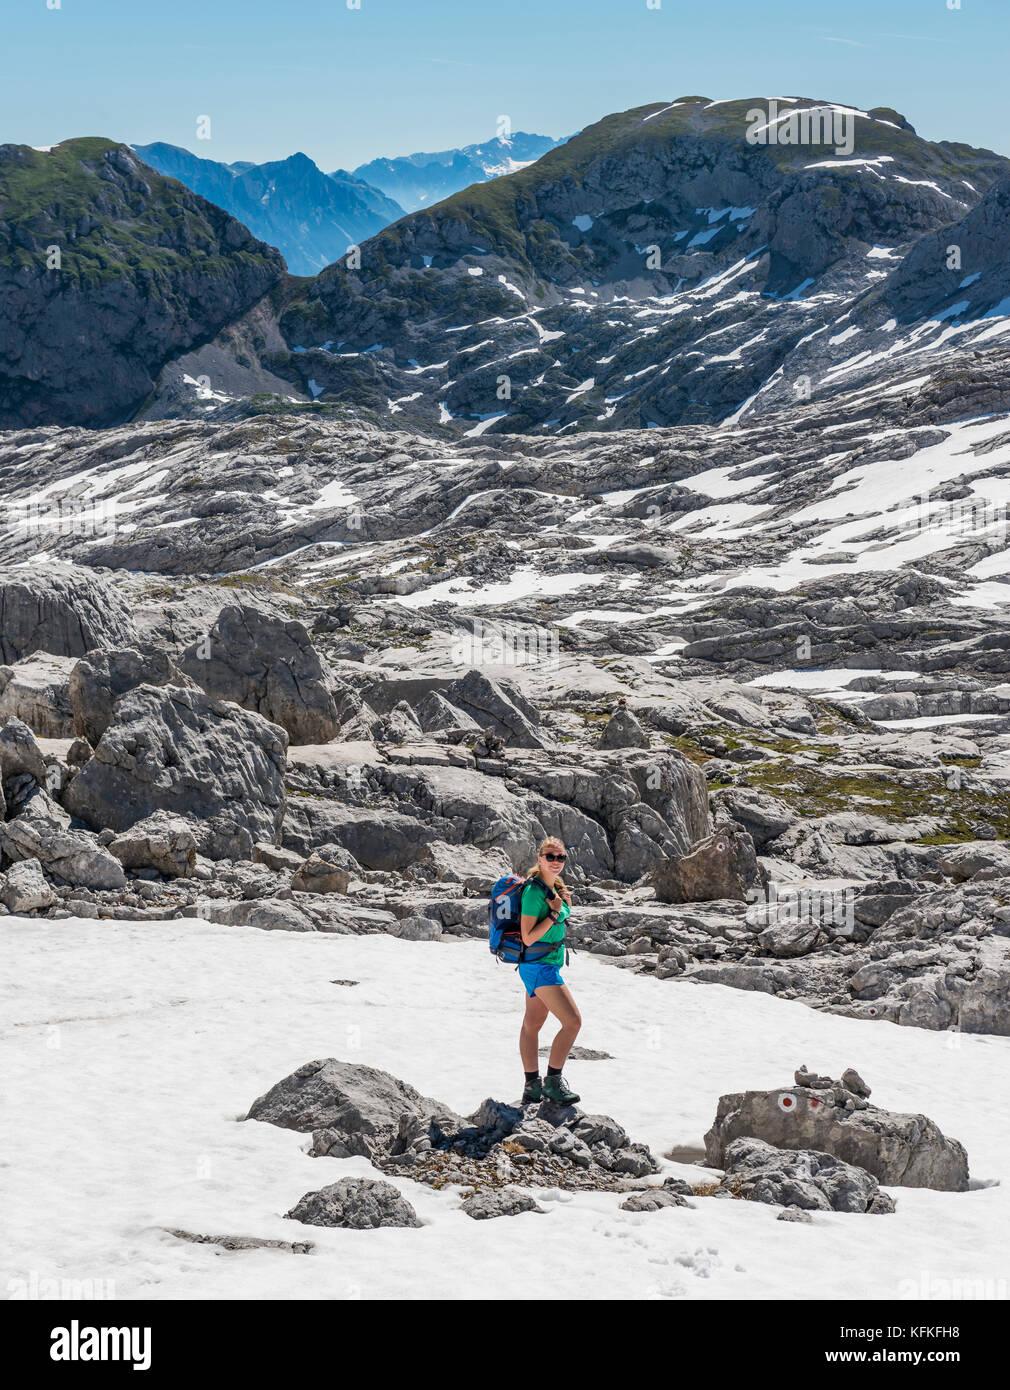 Wandern am Wanderweg zum königssee und der wassereralm, Steinernes Meer mit Schnee im Frühling Stockbild